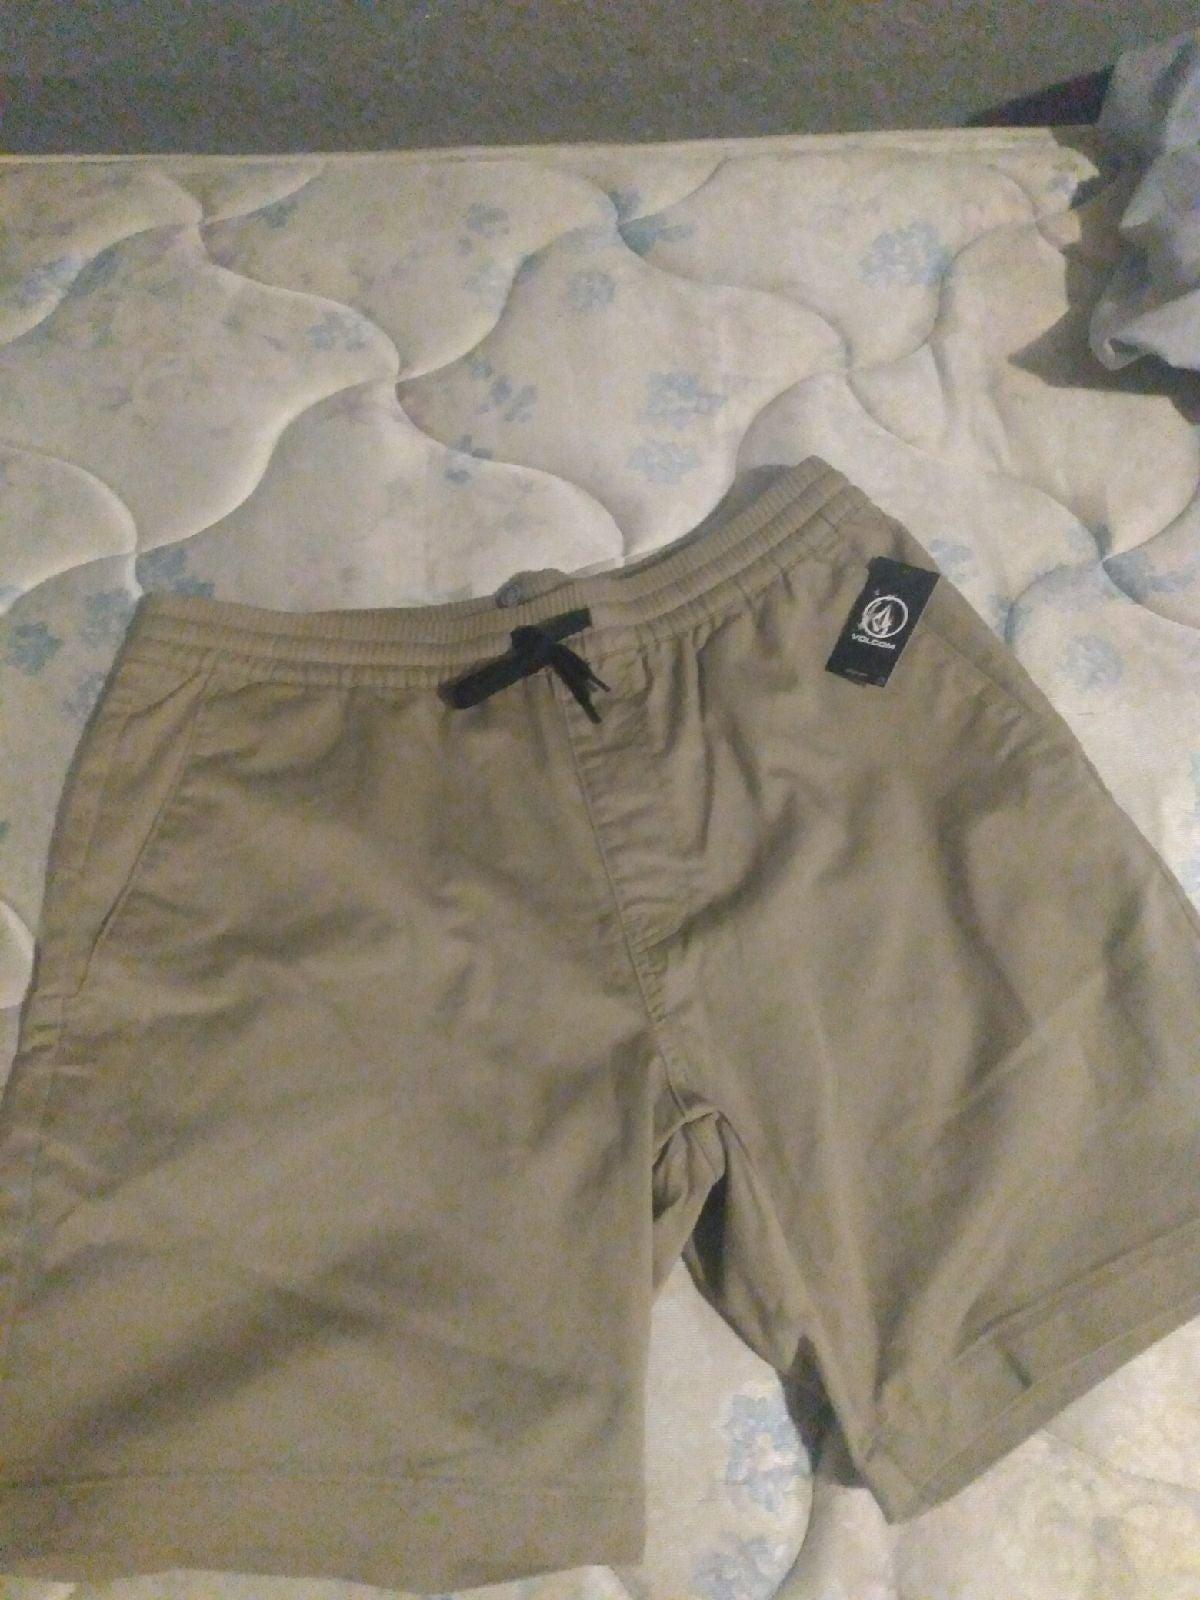 Volcom khaki shorts XL/34ish